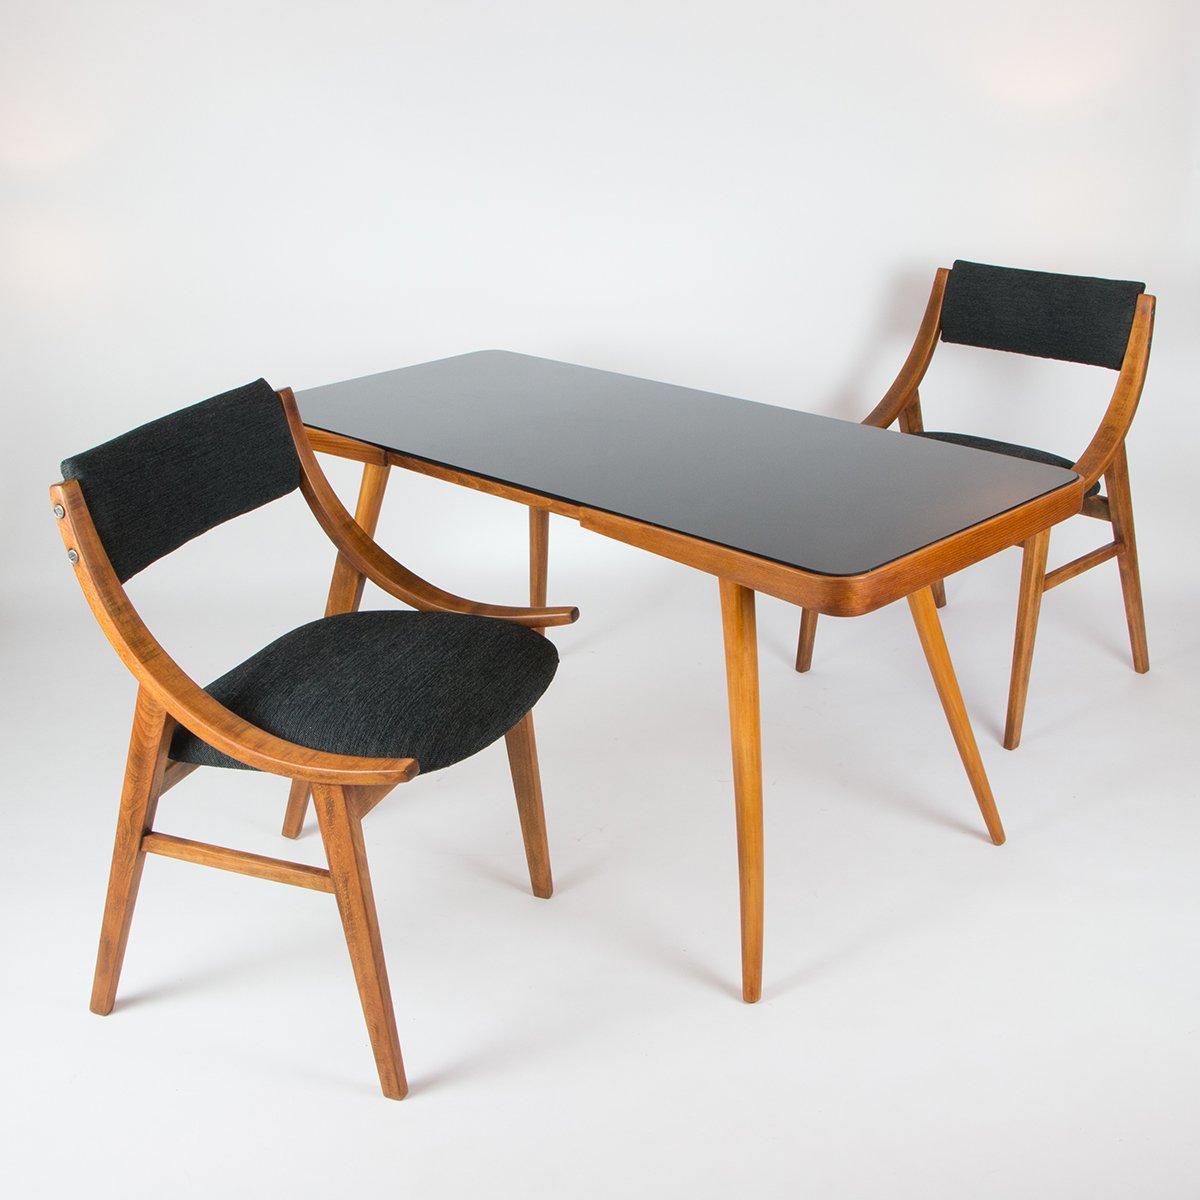 tisch mit 2 stühlen – Dekoration Bild Idee